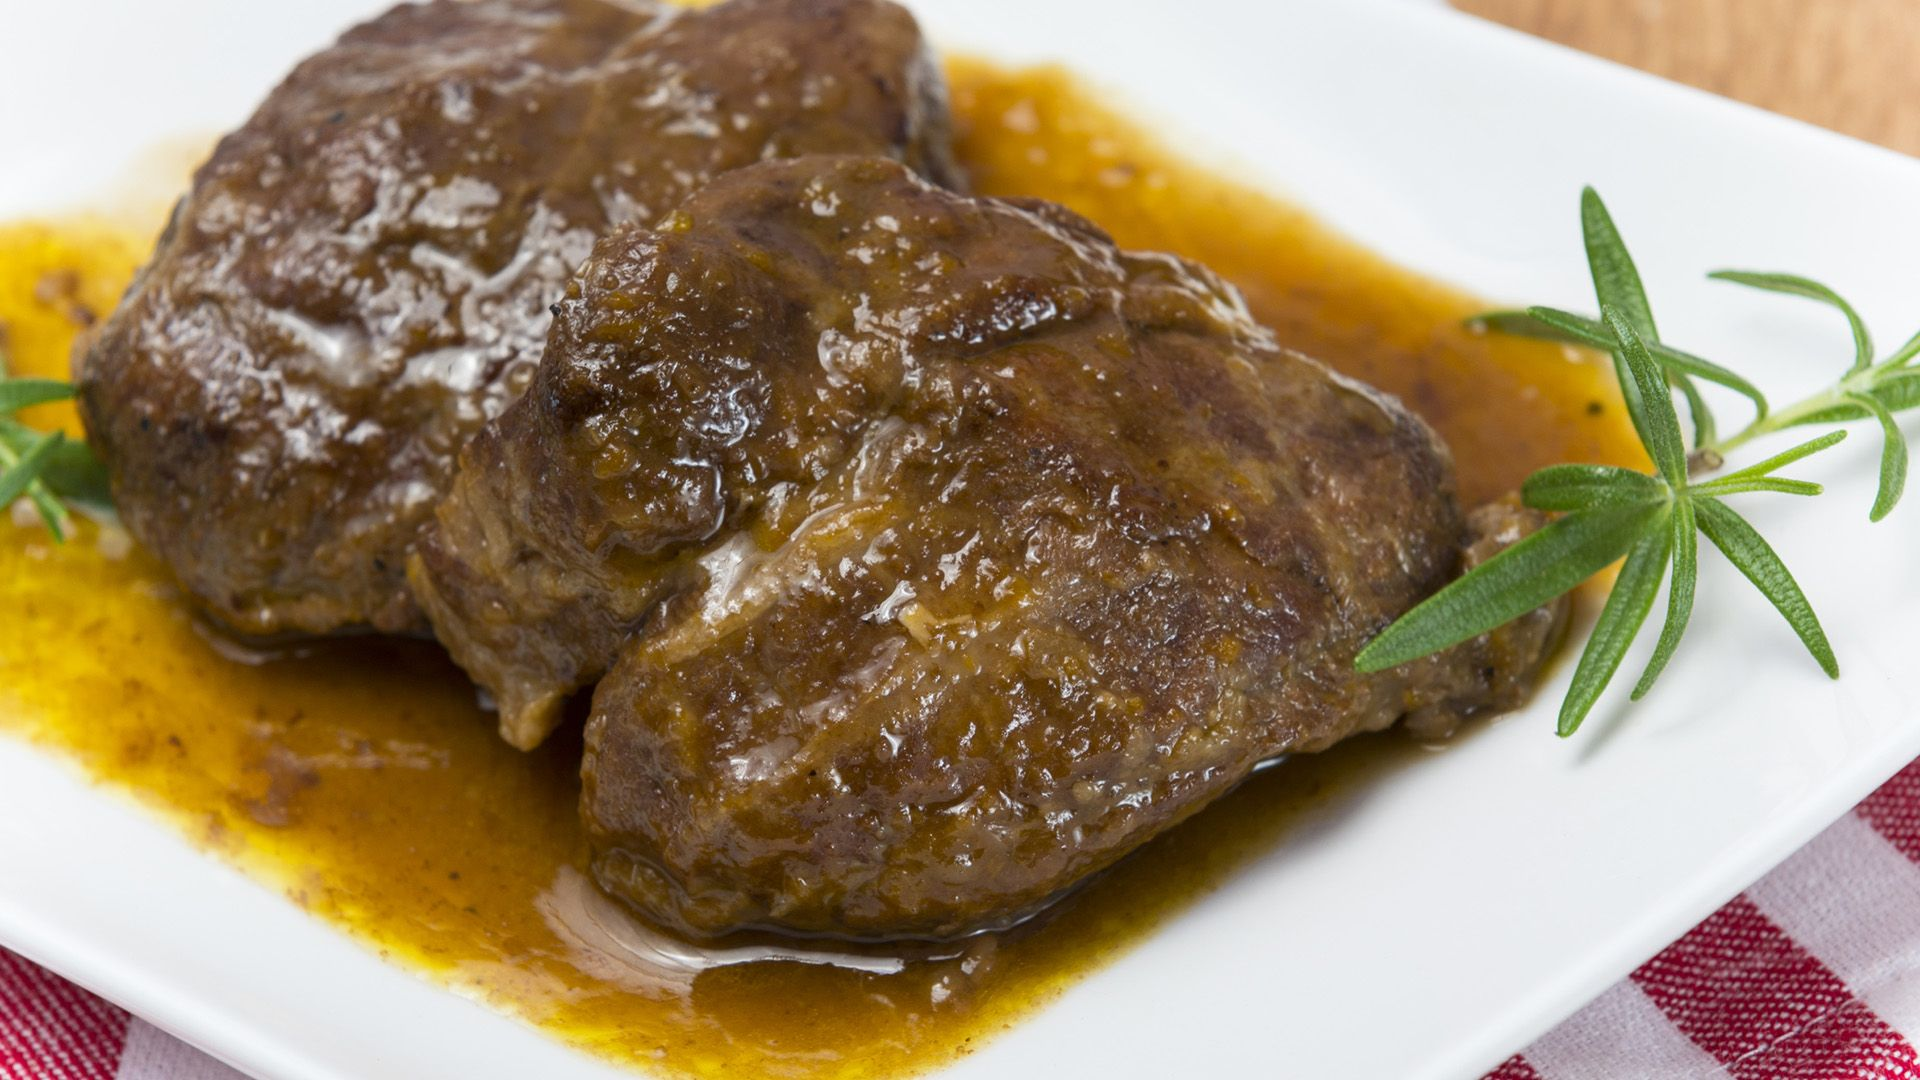 Carrillada Con Salsa De Trufa Receta Recetas Con Carne Receta De Carrillada Comida